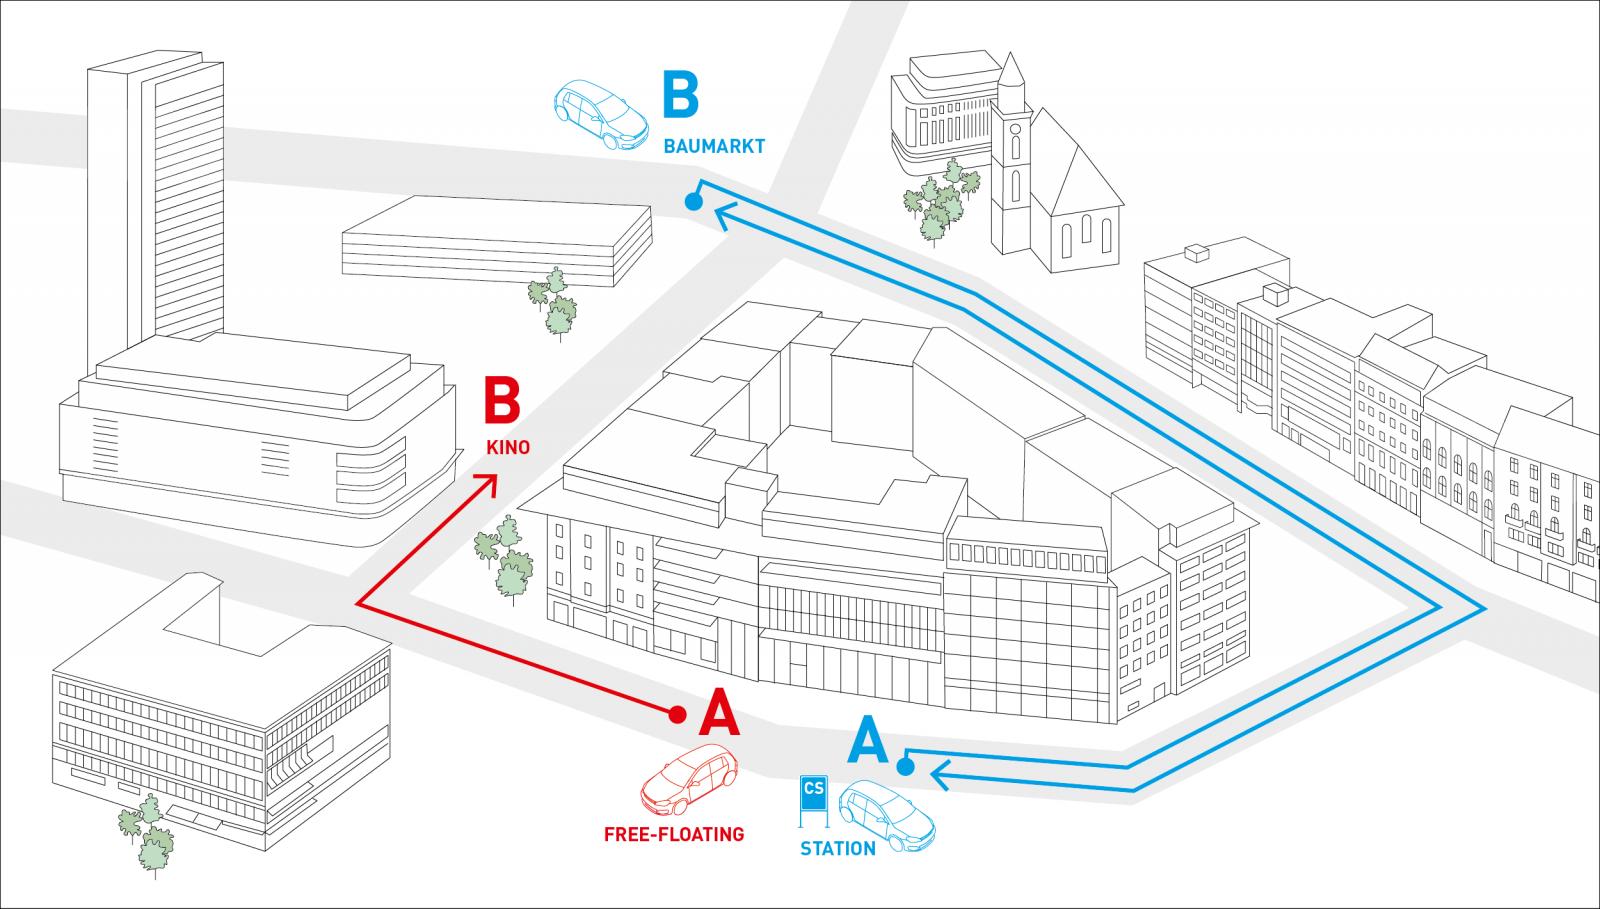 Abb. 3: Stationsbasiertes und free-floating CarSharing unterscheiden sich in der Nutzung.